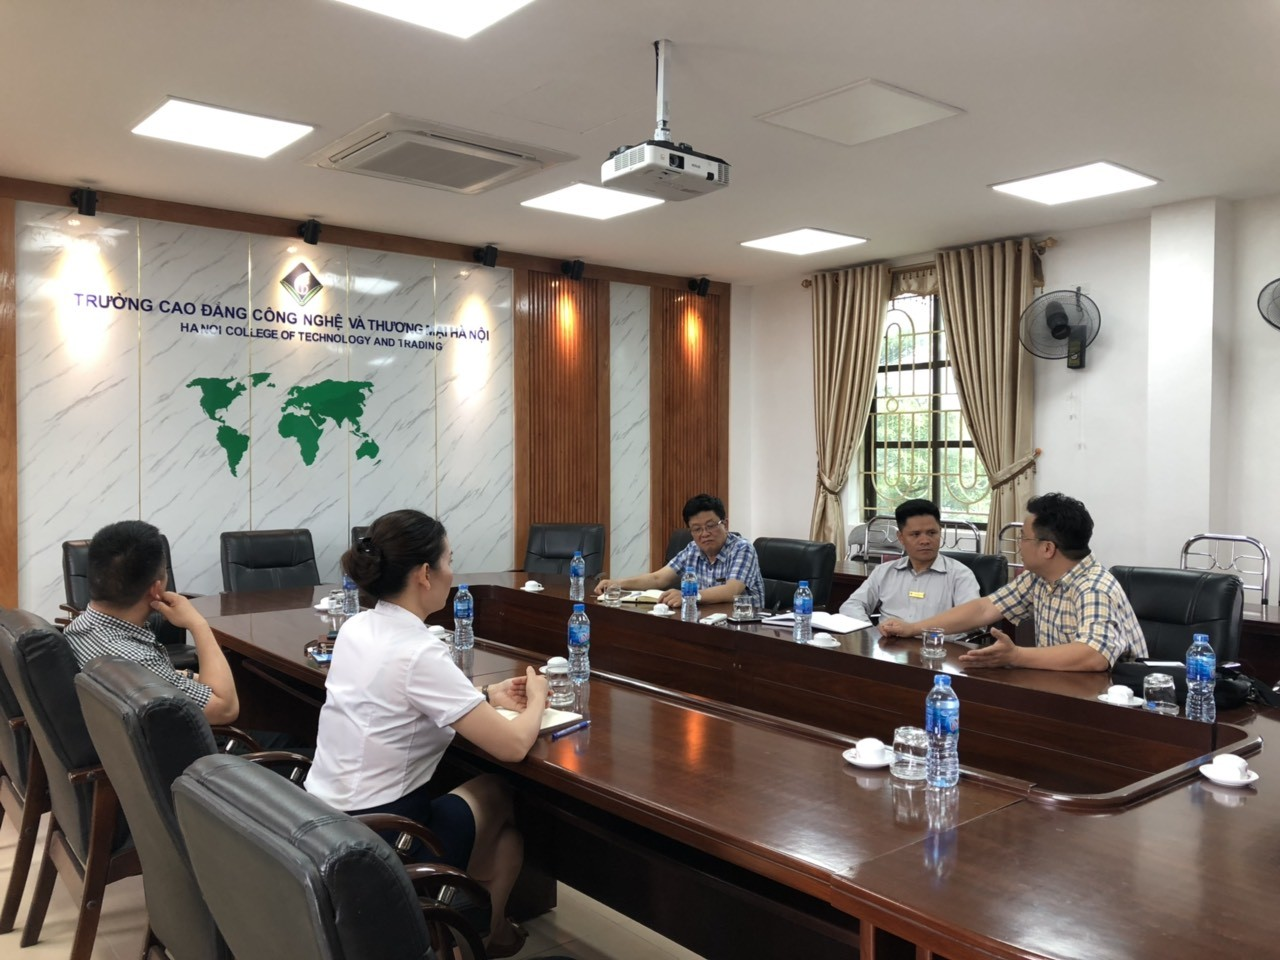 Buổi làm việc trao đổi về hợp tác giữa Công ty Cổ phần Đạo tạo Huấn luyện Nghiệp vụ Hàng không Việt Nam và Trường Cao đẳng Công nghệ và Thương mại Hà Nội